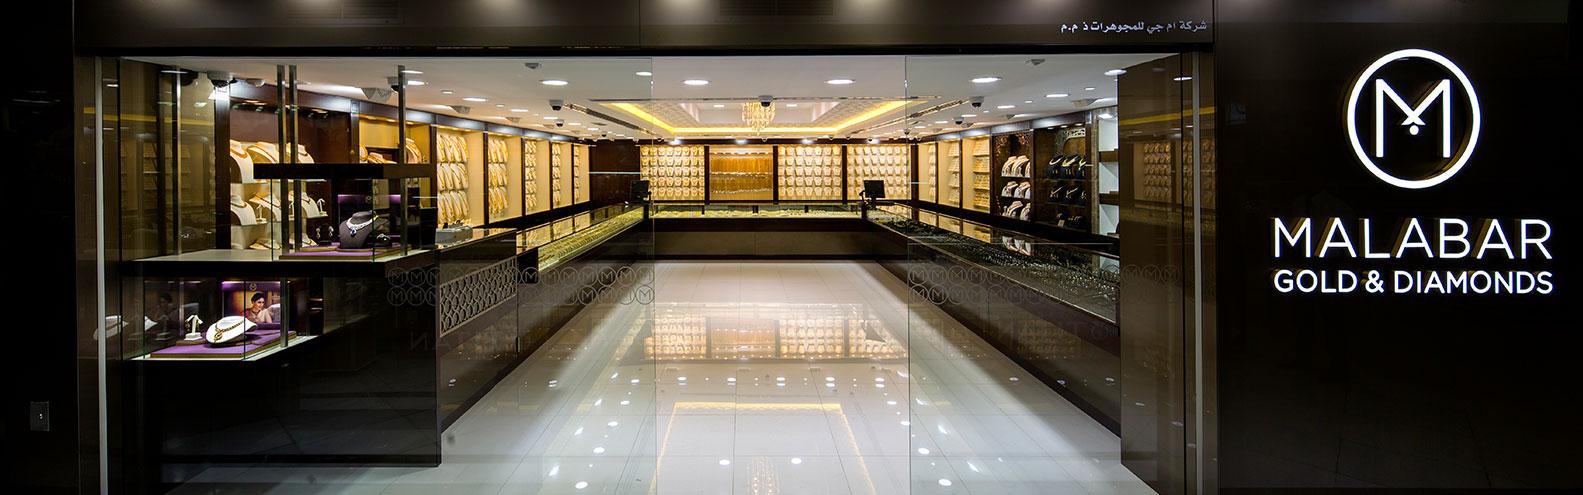 Malabar Gold & Diamonds Stores in Manama, Bahrain